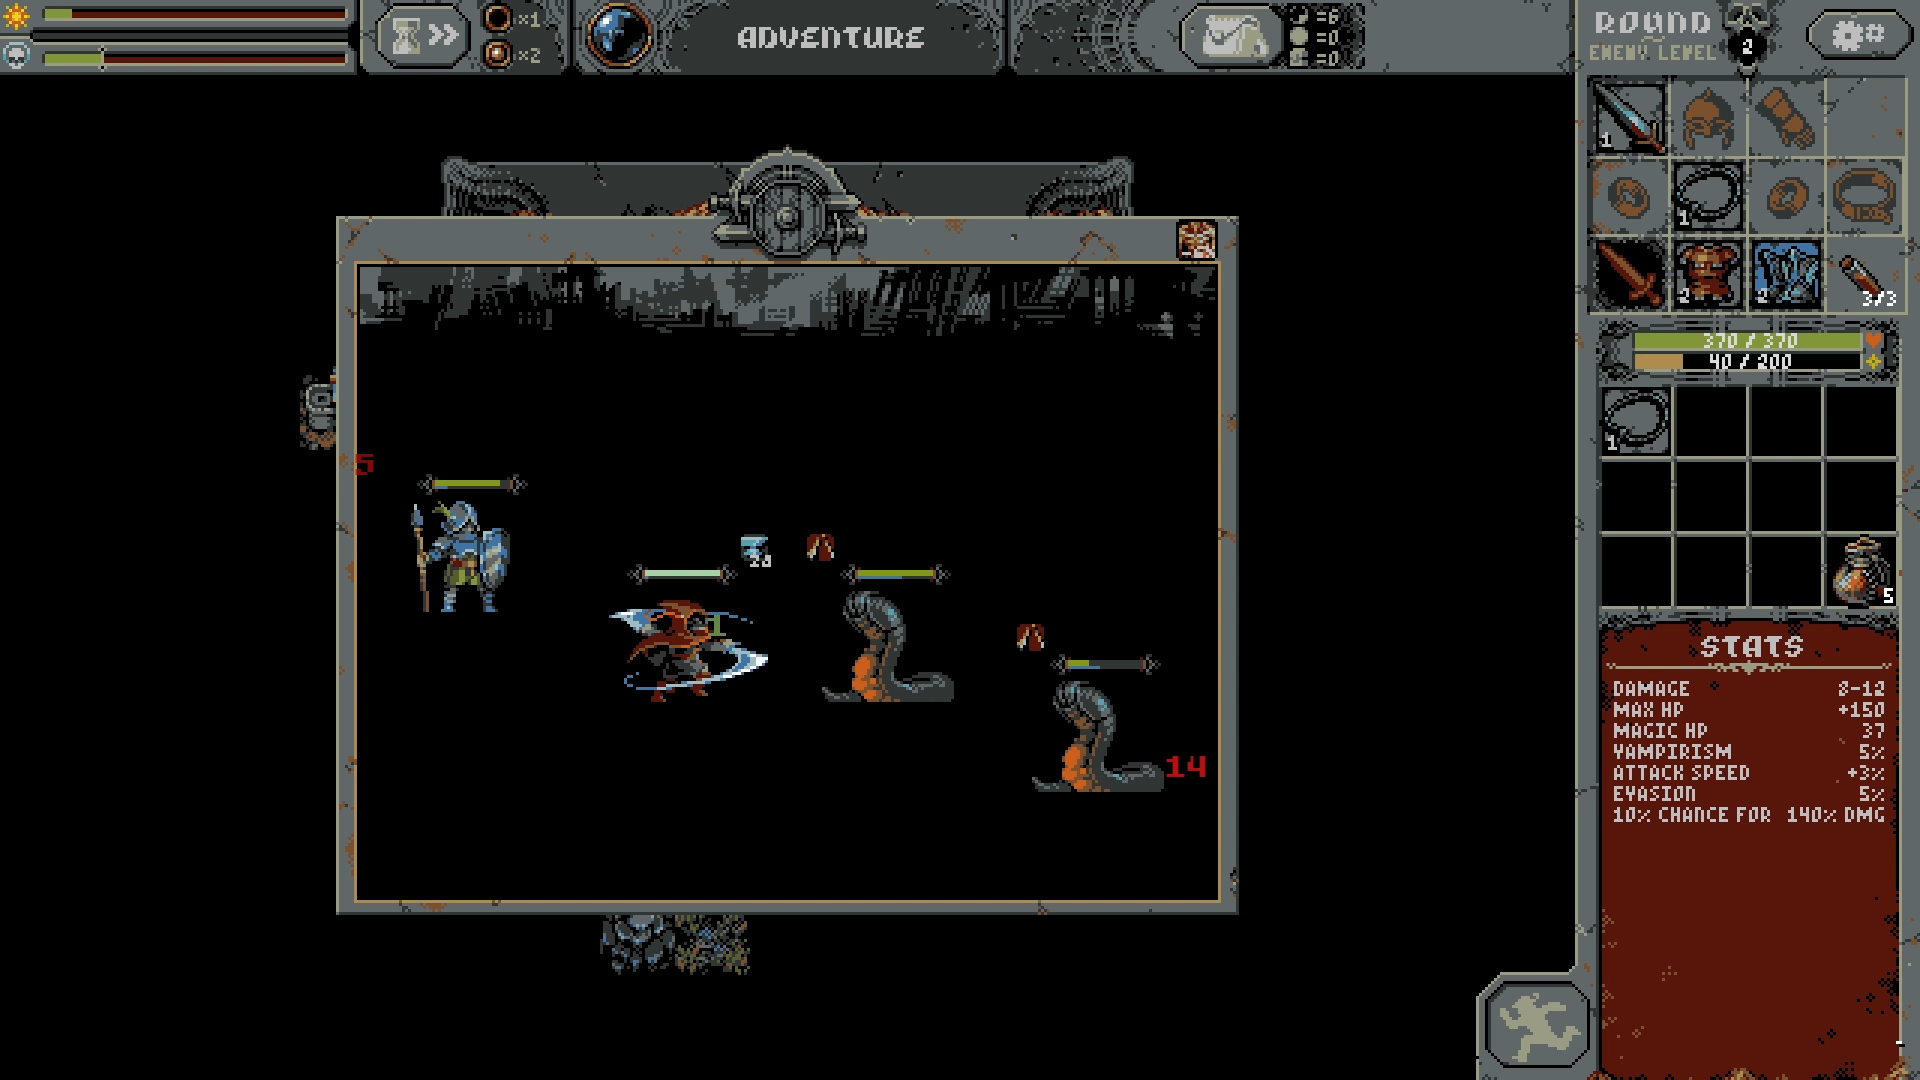 loop-hero-pc-screenshot-2